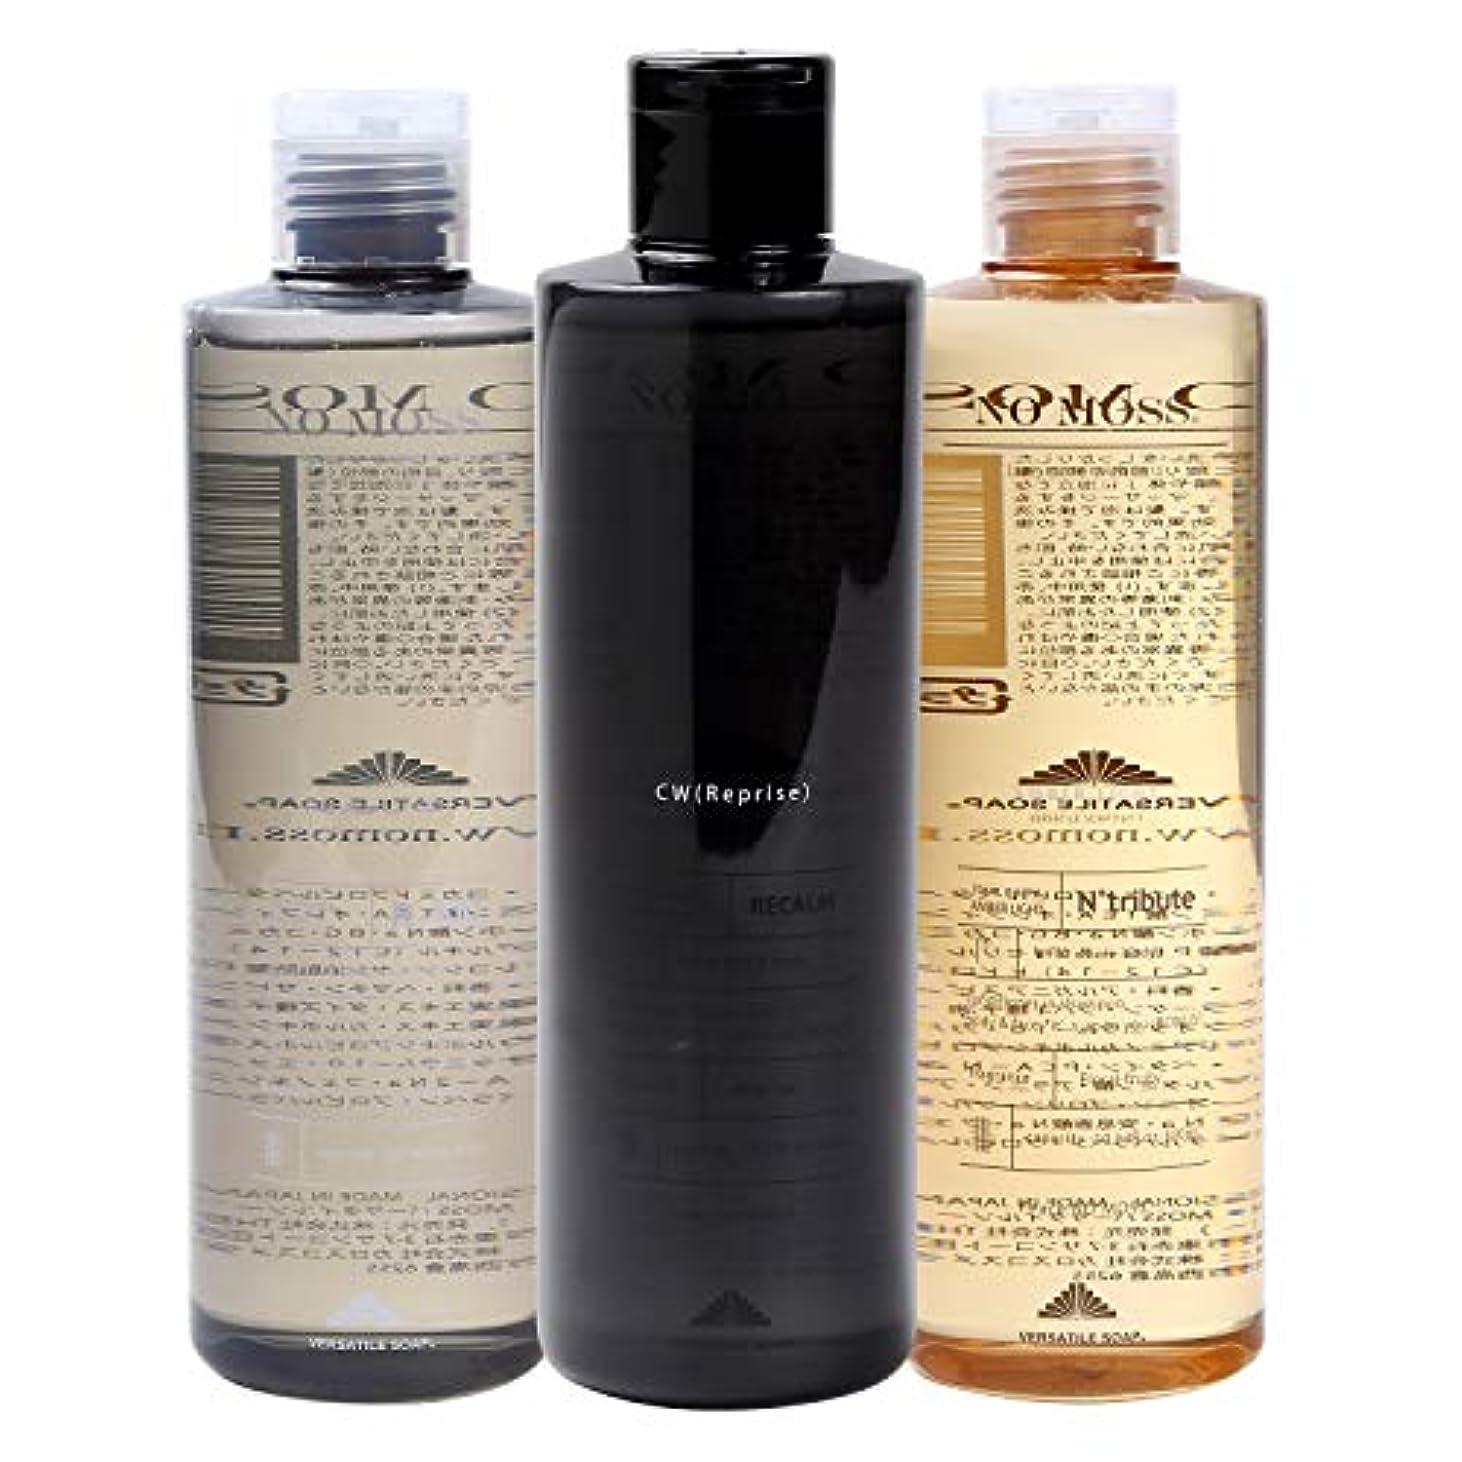 シェフ苗推測するNO MOSS VERSATILE SOAP(ノーモス バーサタイル ソープ) 300ml FULLセット